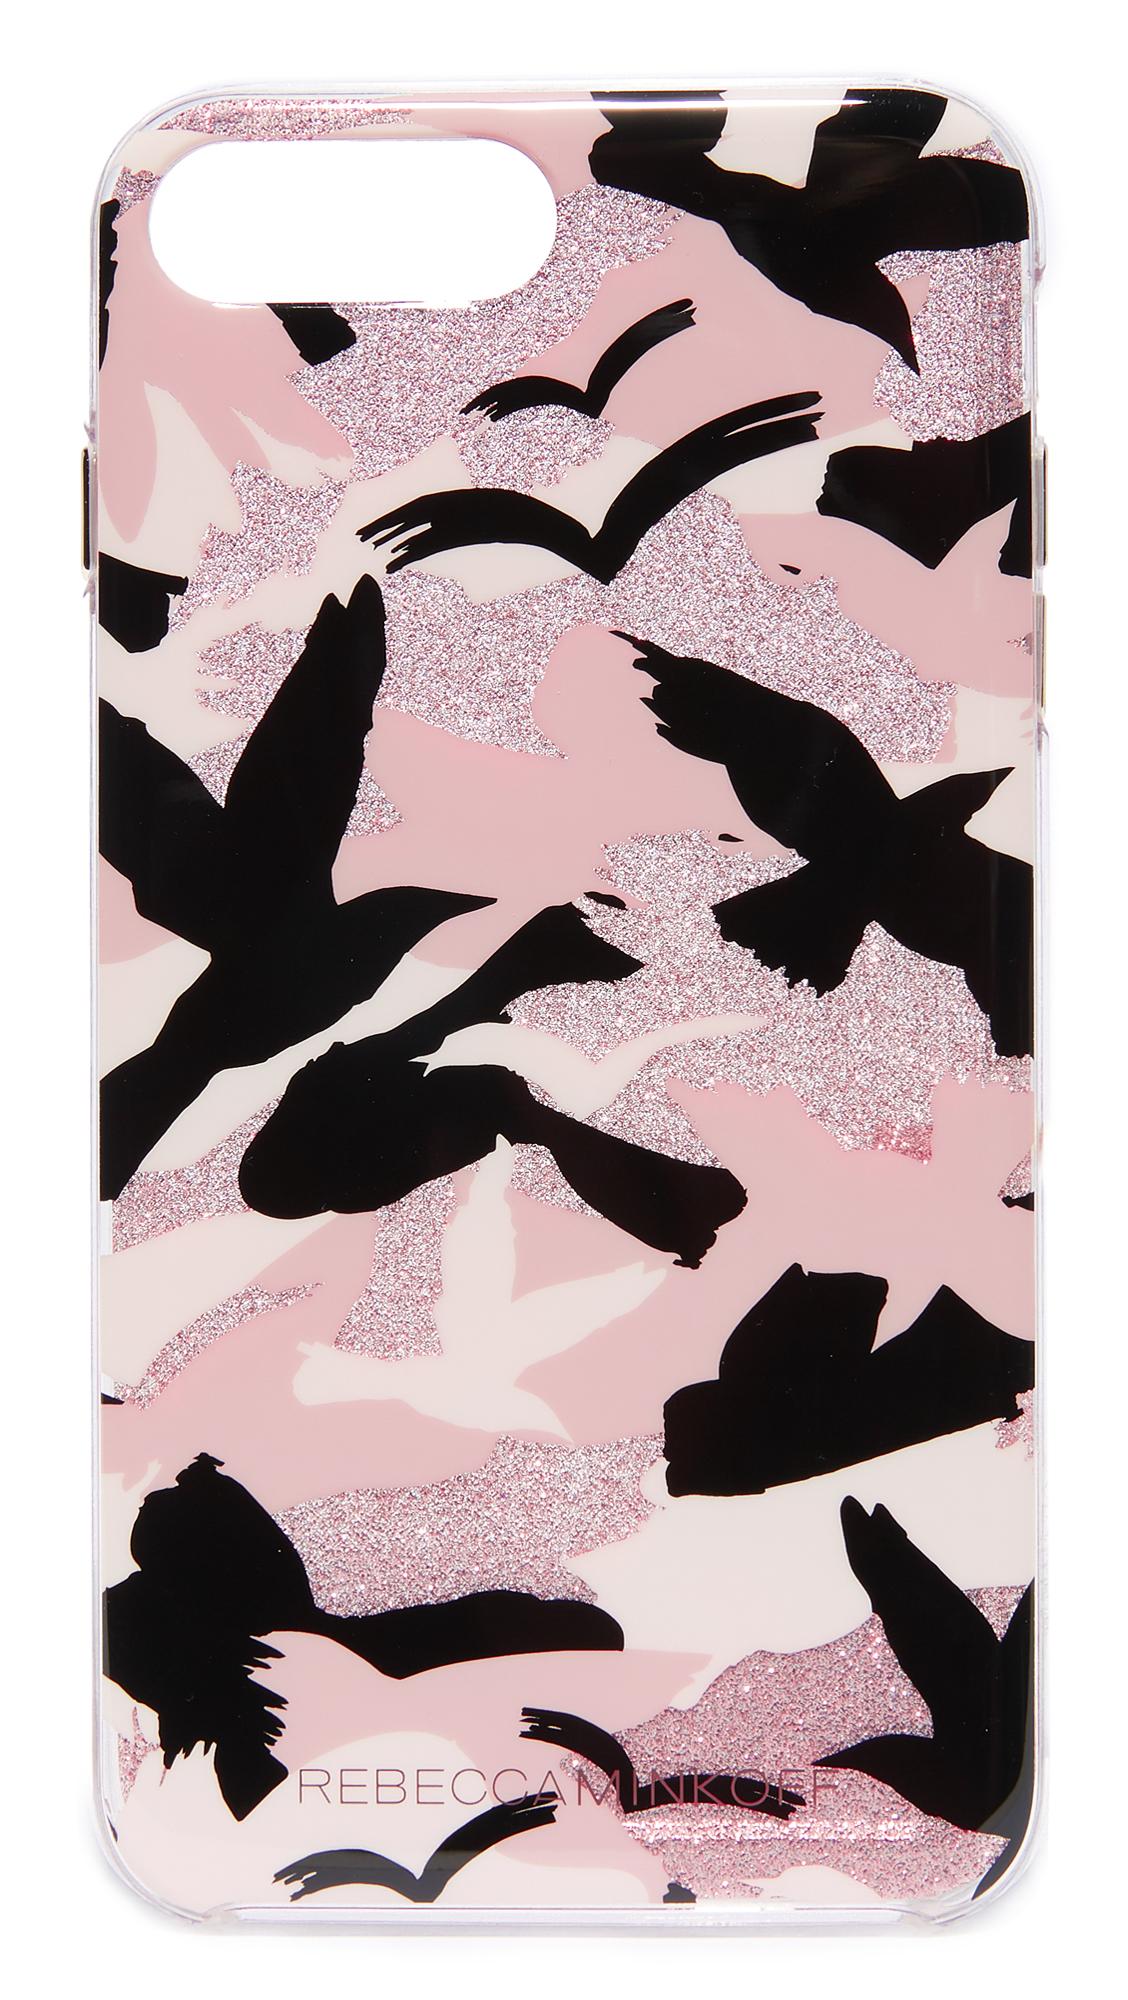 Rebecca Minkoff Camo Bird iPhone 7 Plus Case - Peach